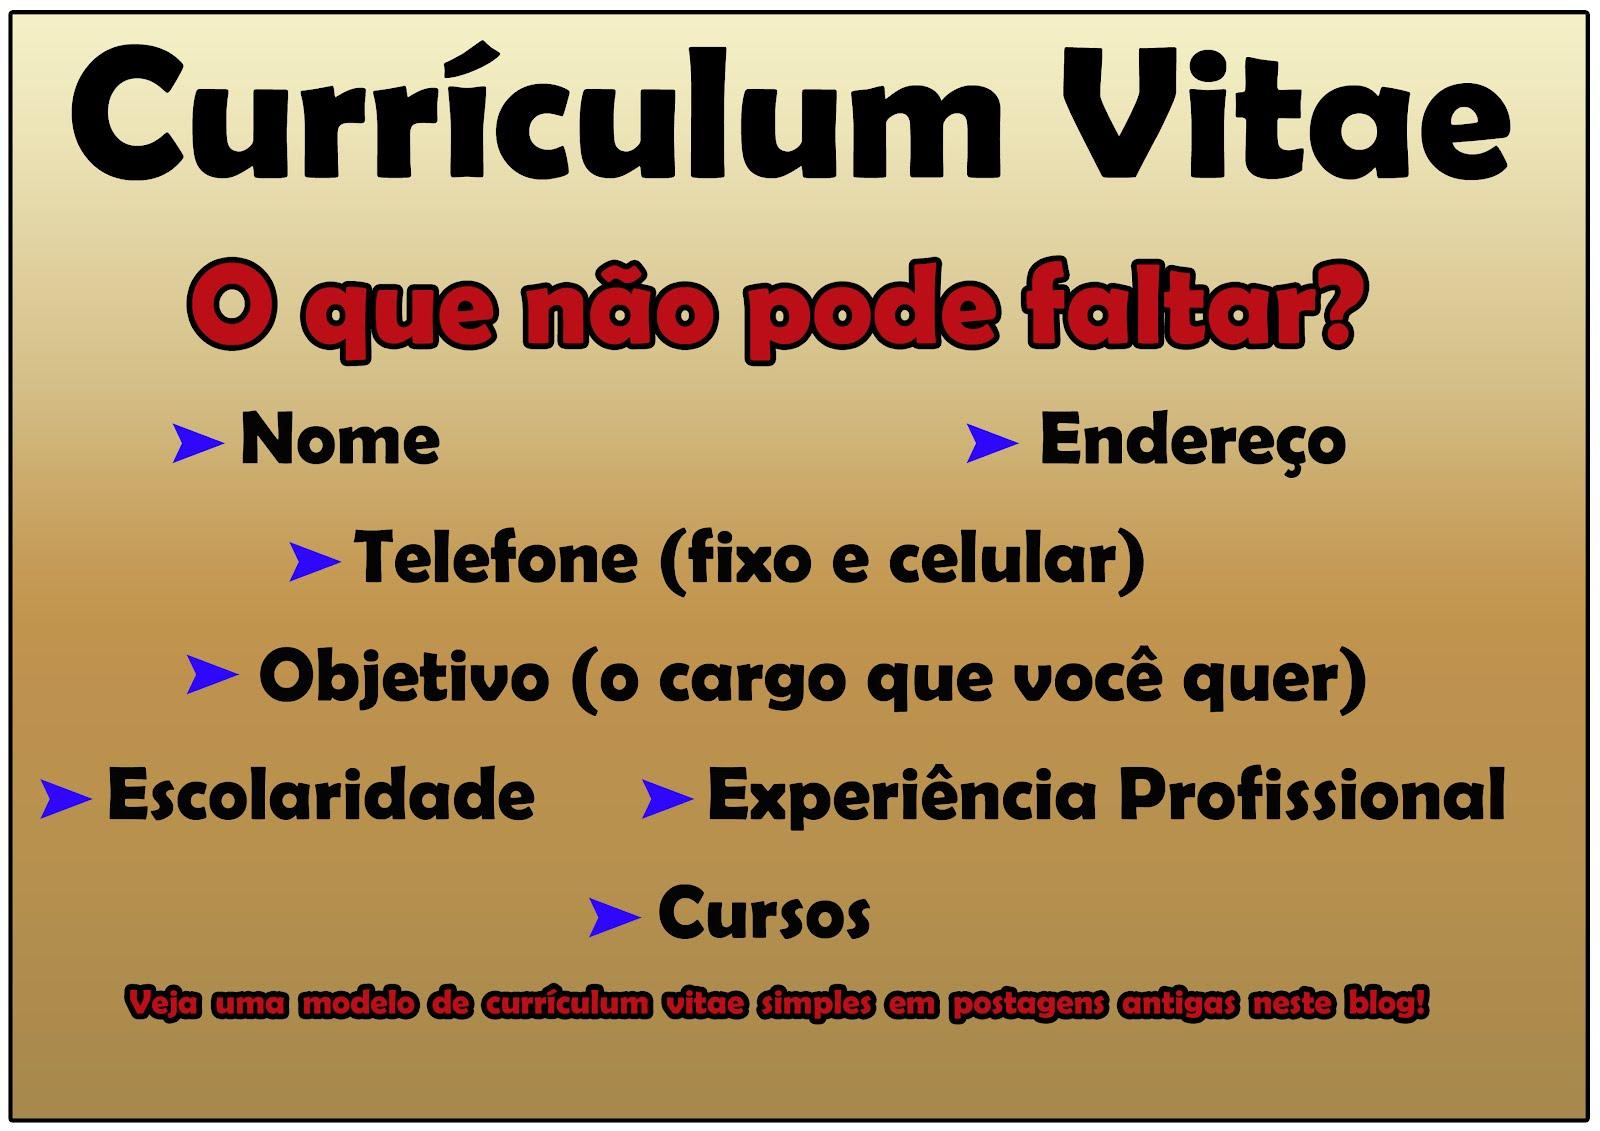 Professor Alexandre Custodio: O que não pode faltar no Currículum Vitae?